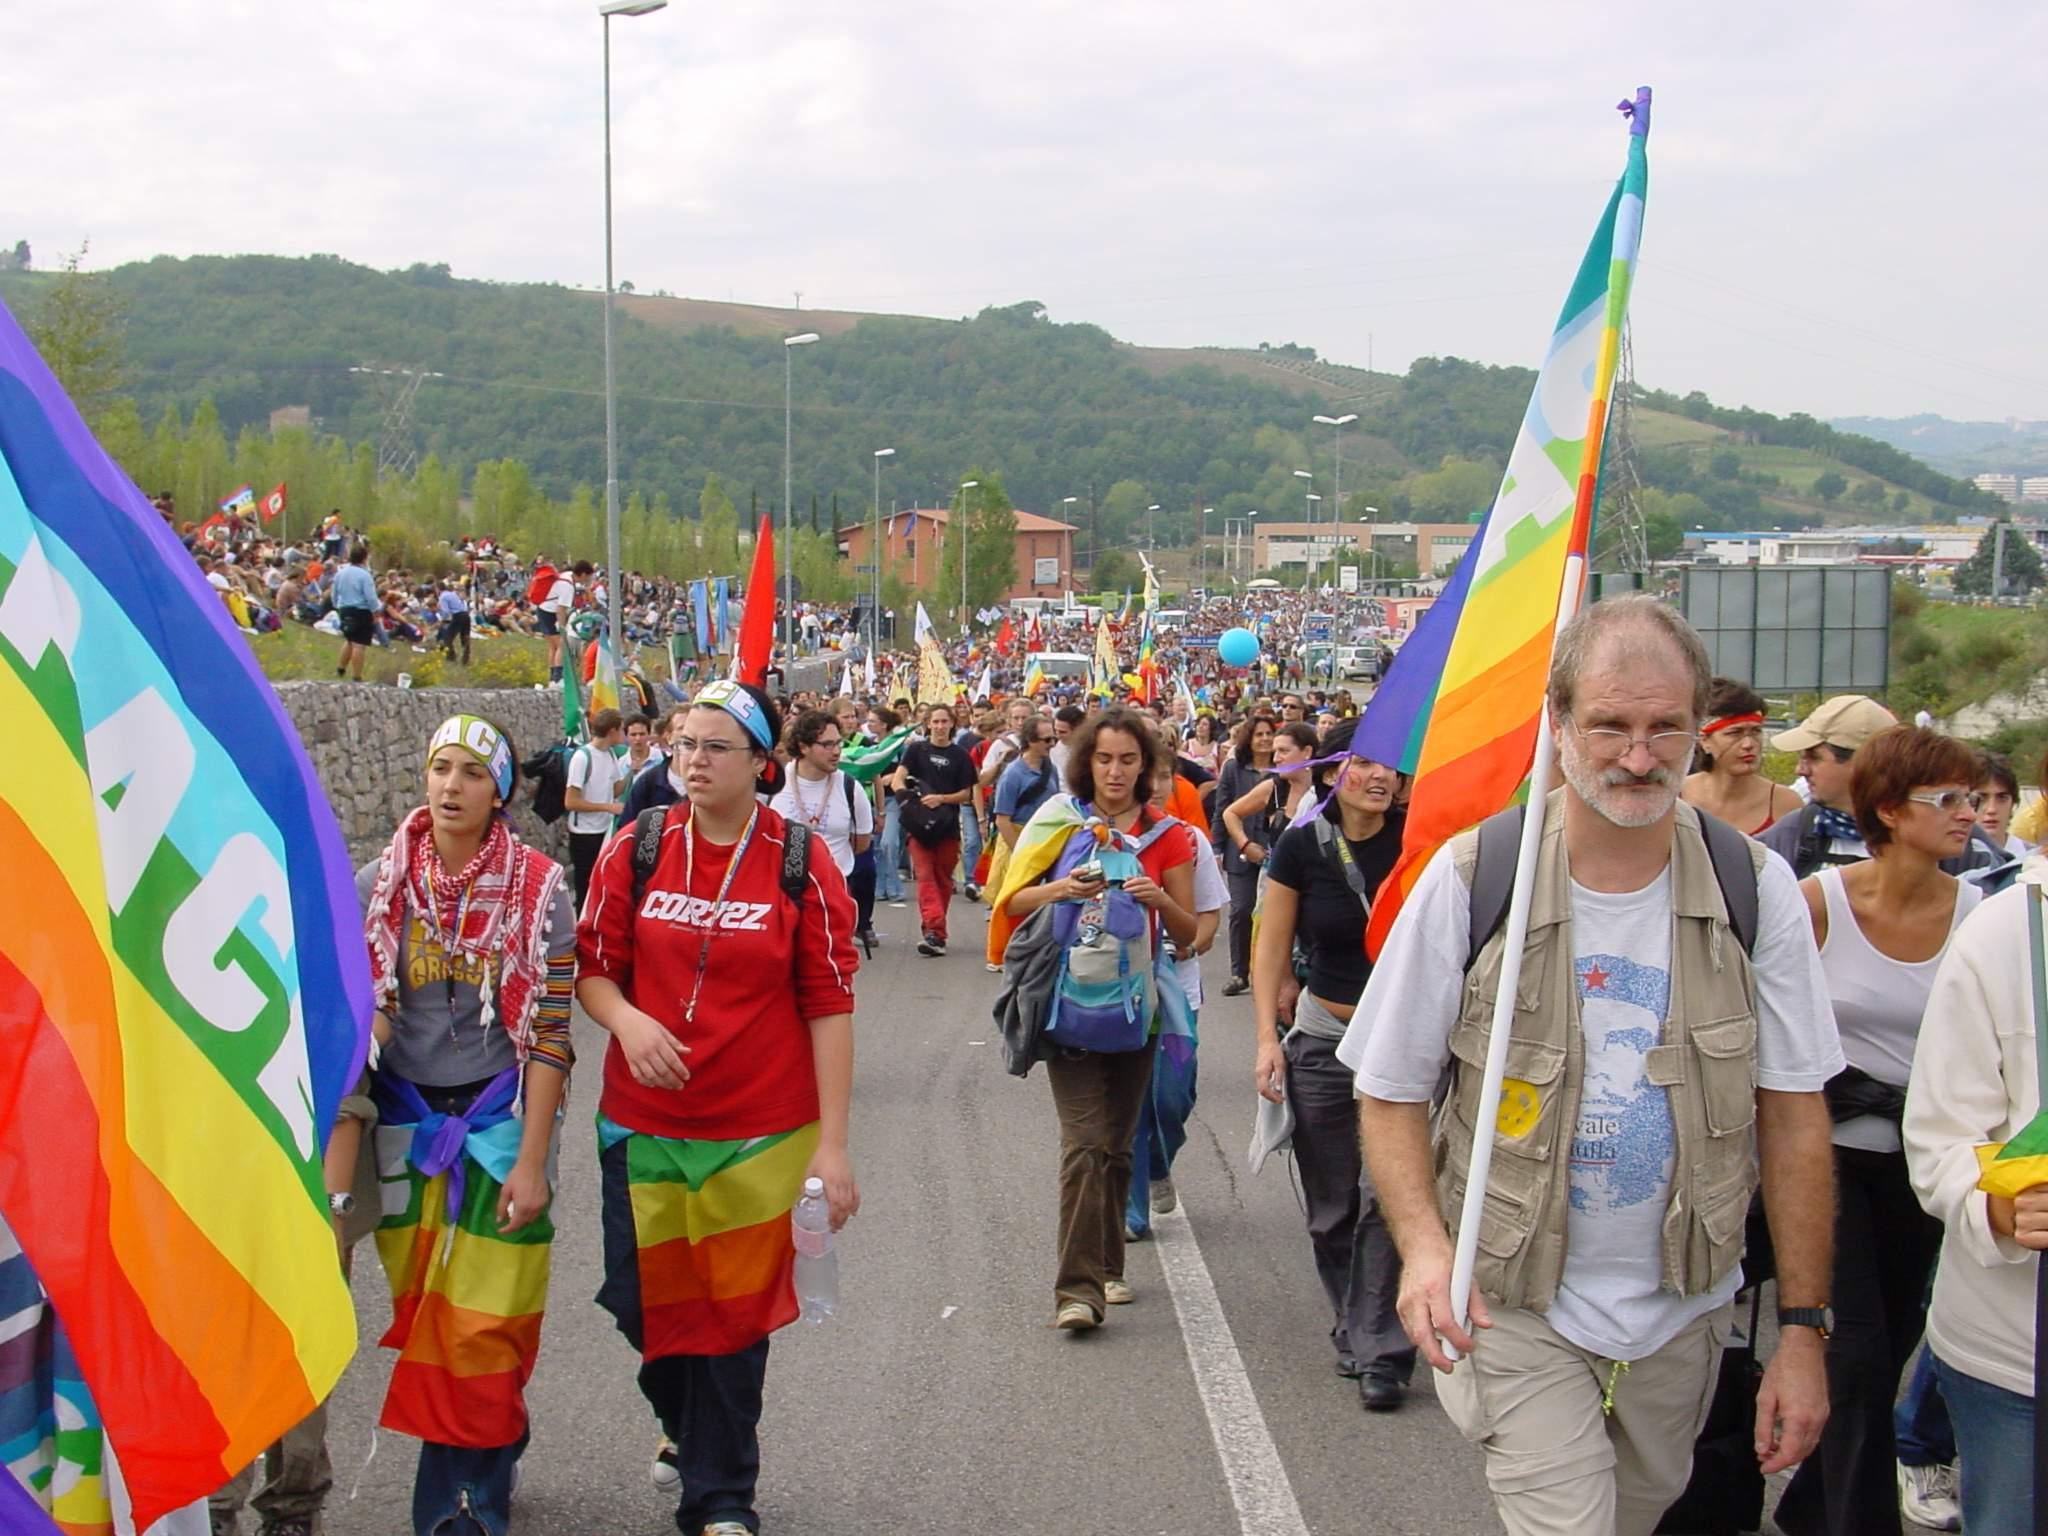 Una marcia per la pace